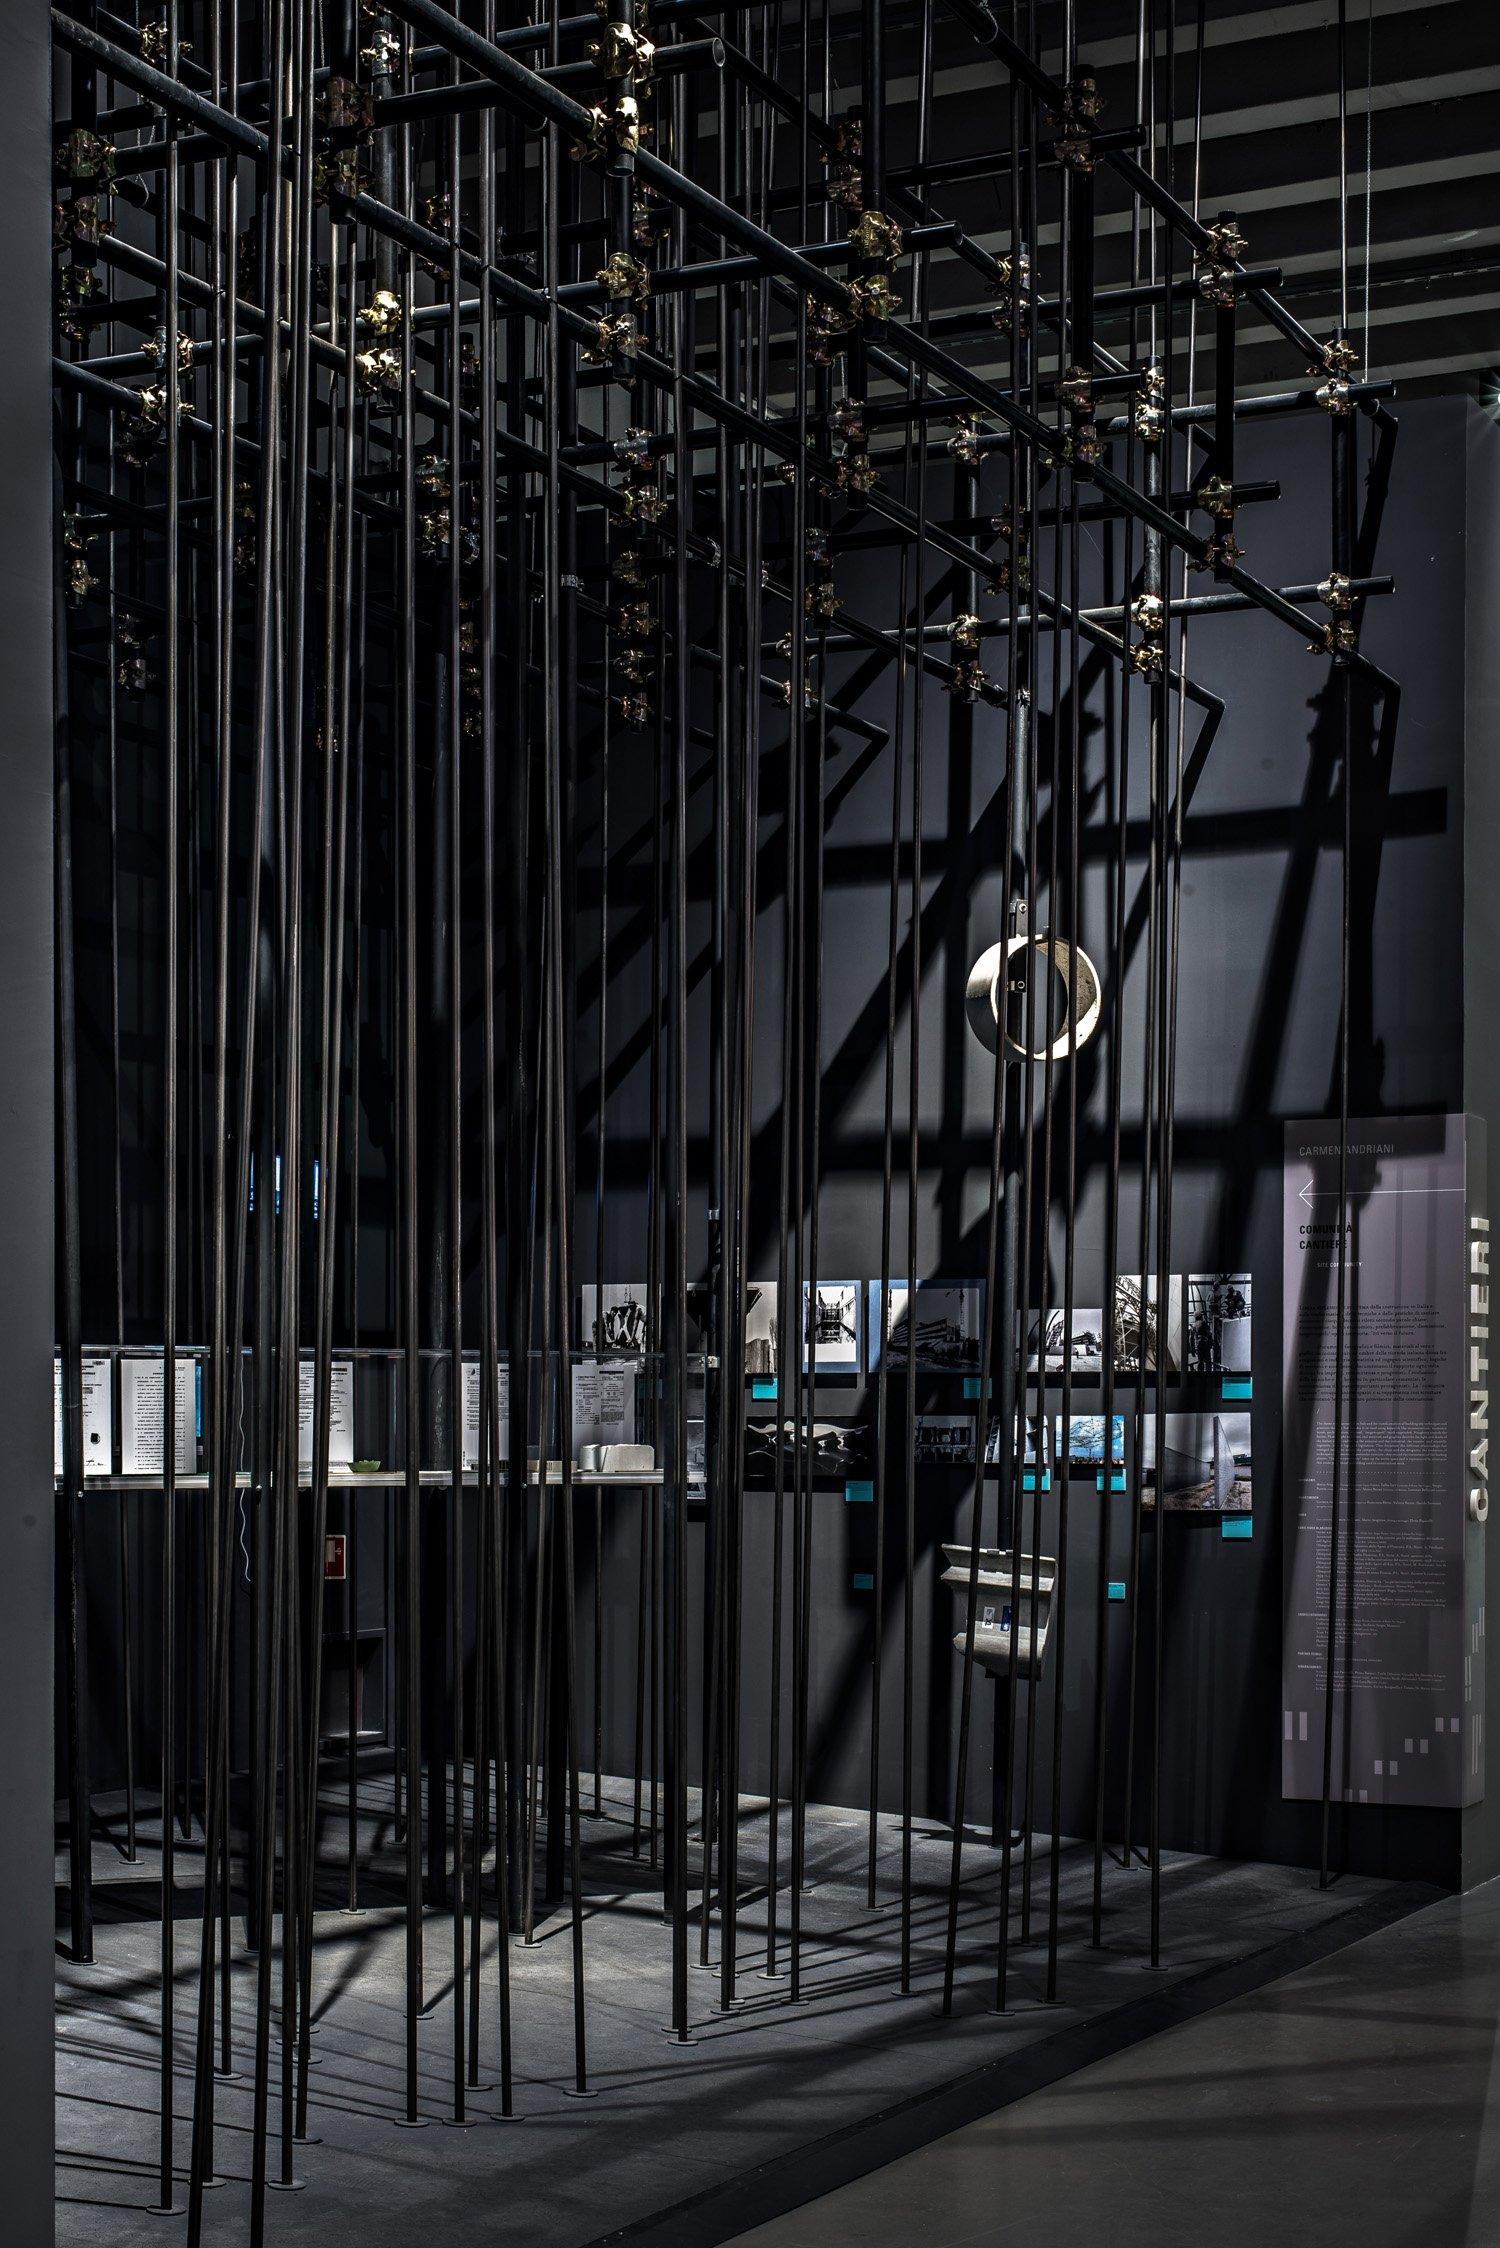 """© Gianluca Porcile courtesy of Carmen Andriani Allestimento della mostra Comunità Italia, sezione """"L'evoluzione del cantiere"""" a cura di Carmen Andriani, Milano, 2015"""